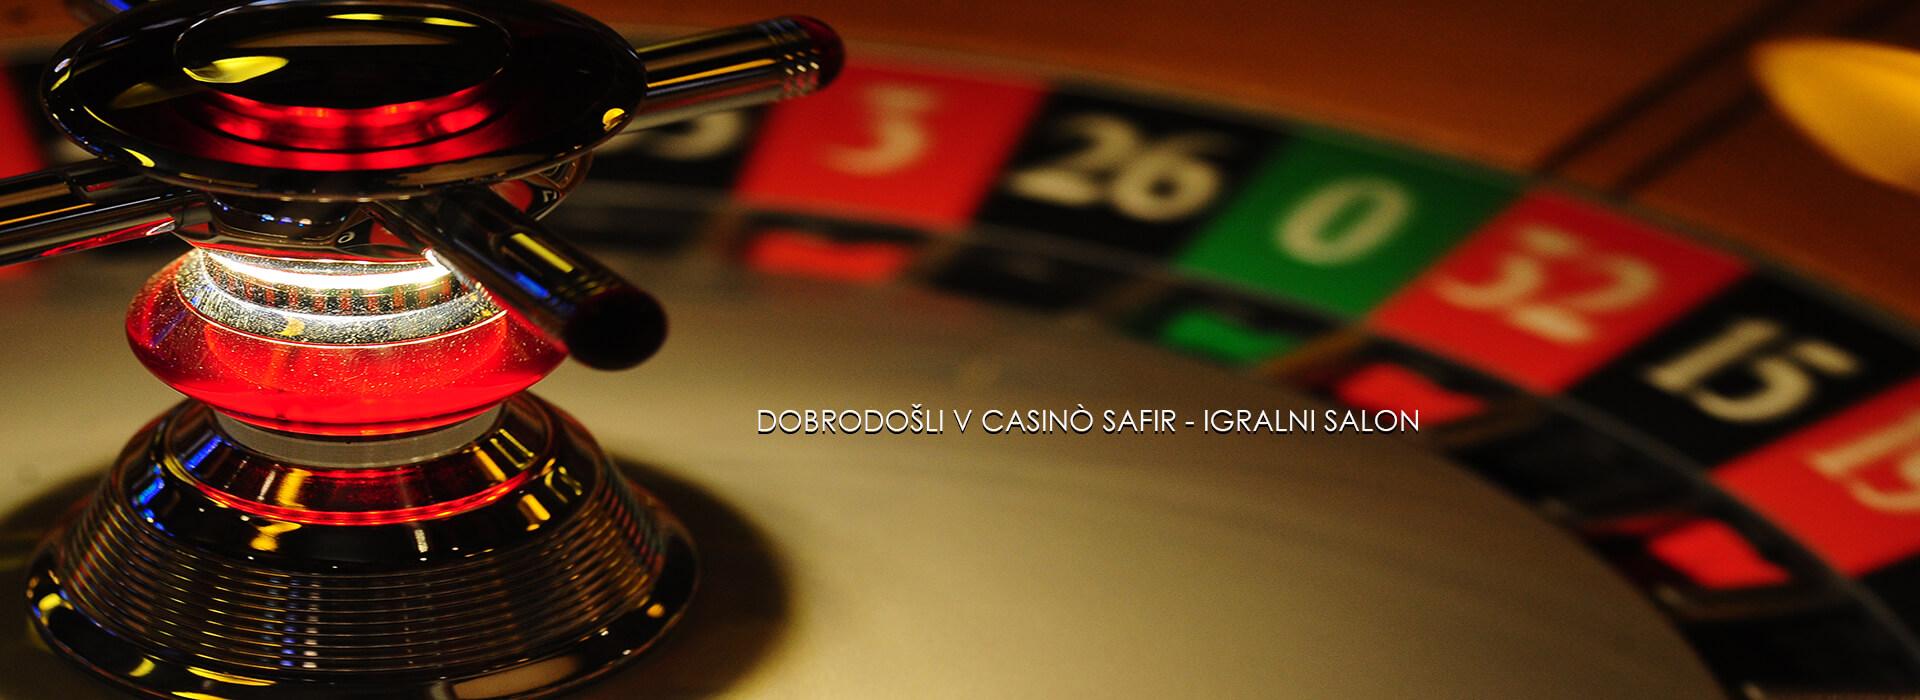 Igralni Salon Gold Club Casino Lipica